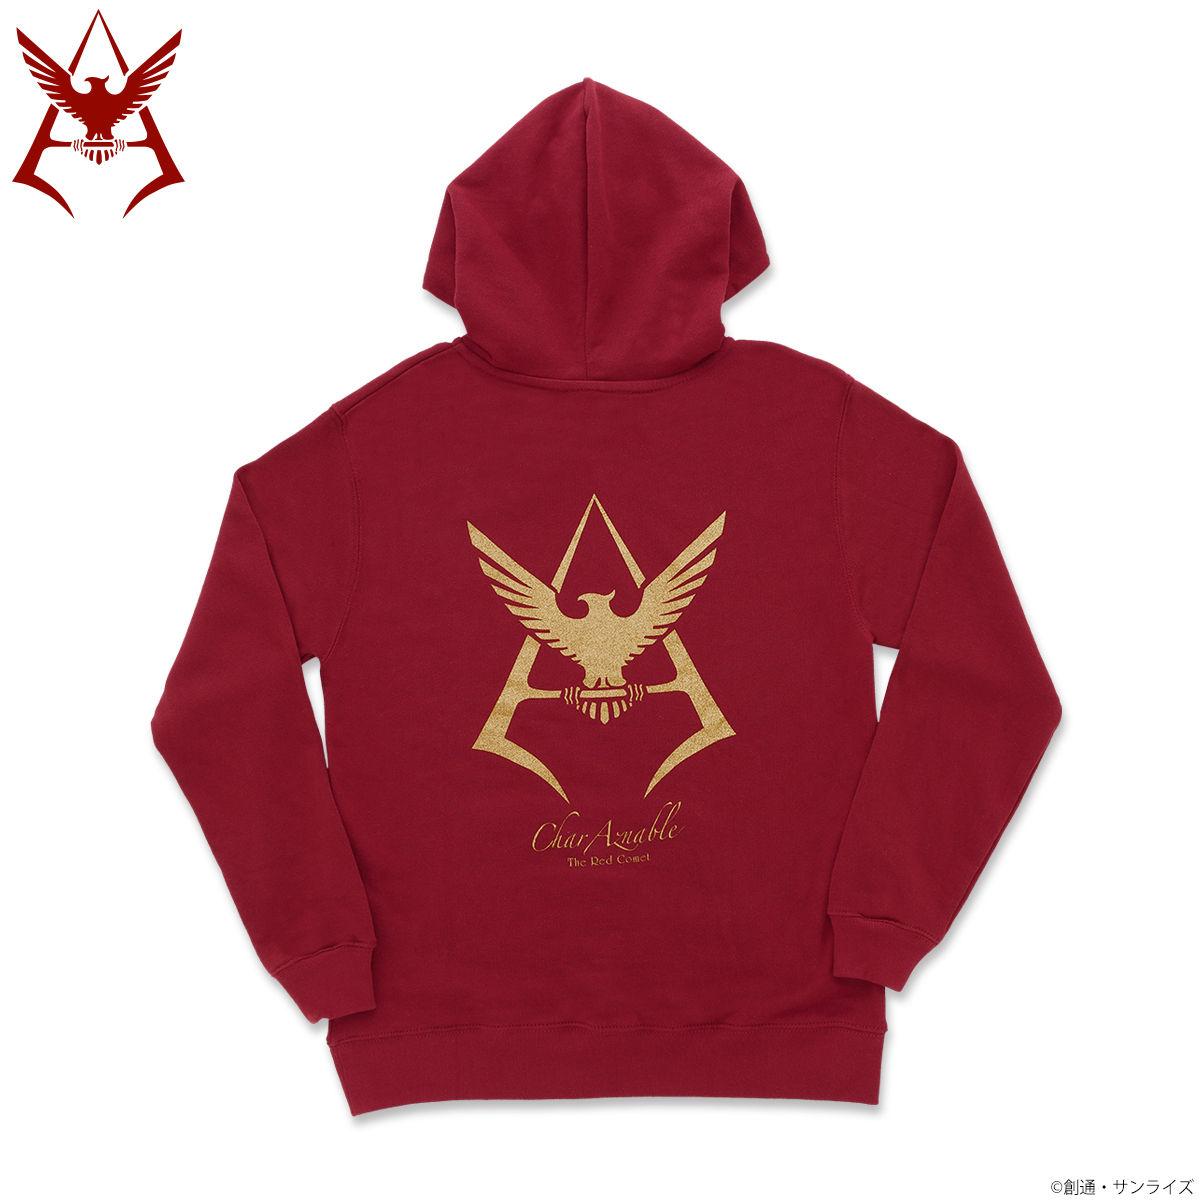 Mobile Suit Gundam Char Aznable Golden Emblem Hoodie